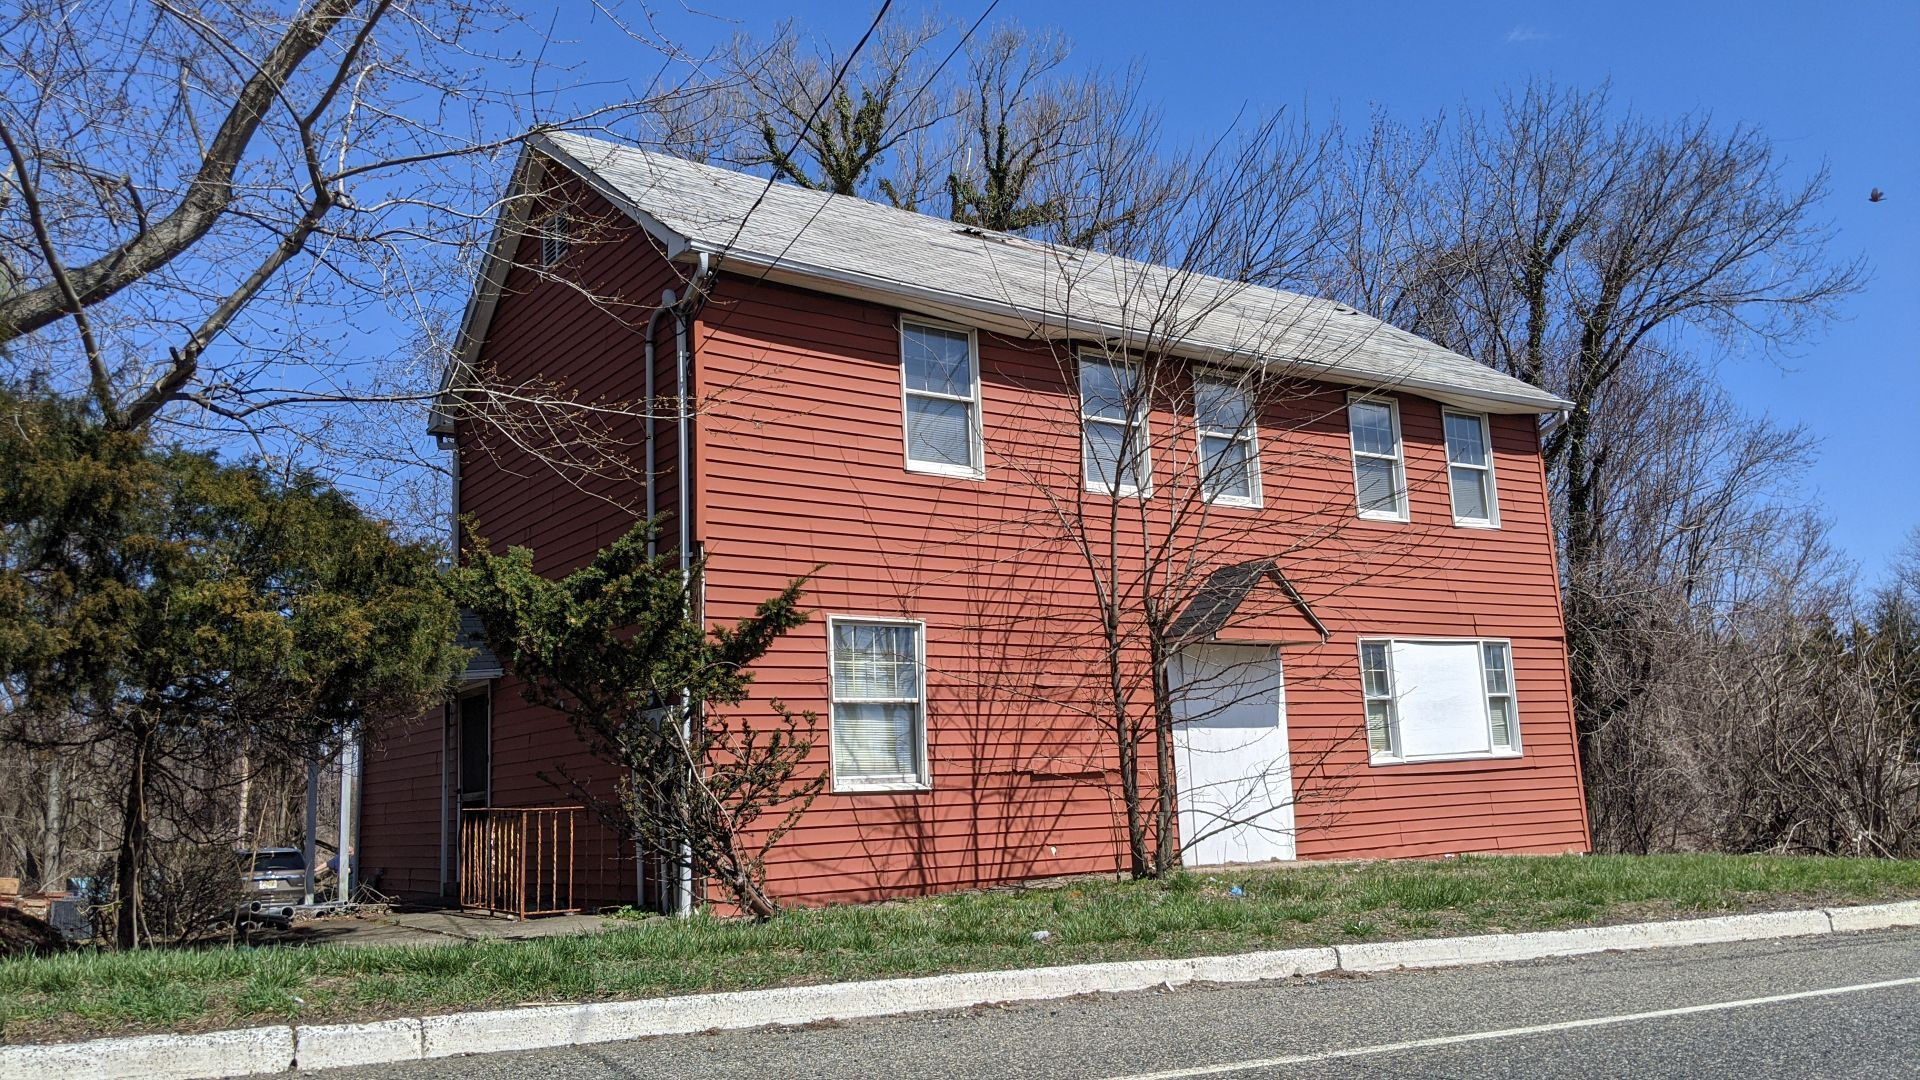 2121 NJ-35, Holmdel, NJ